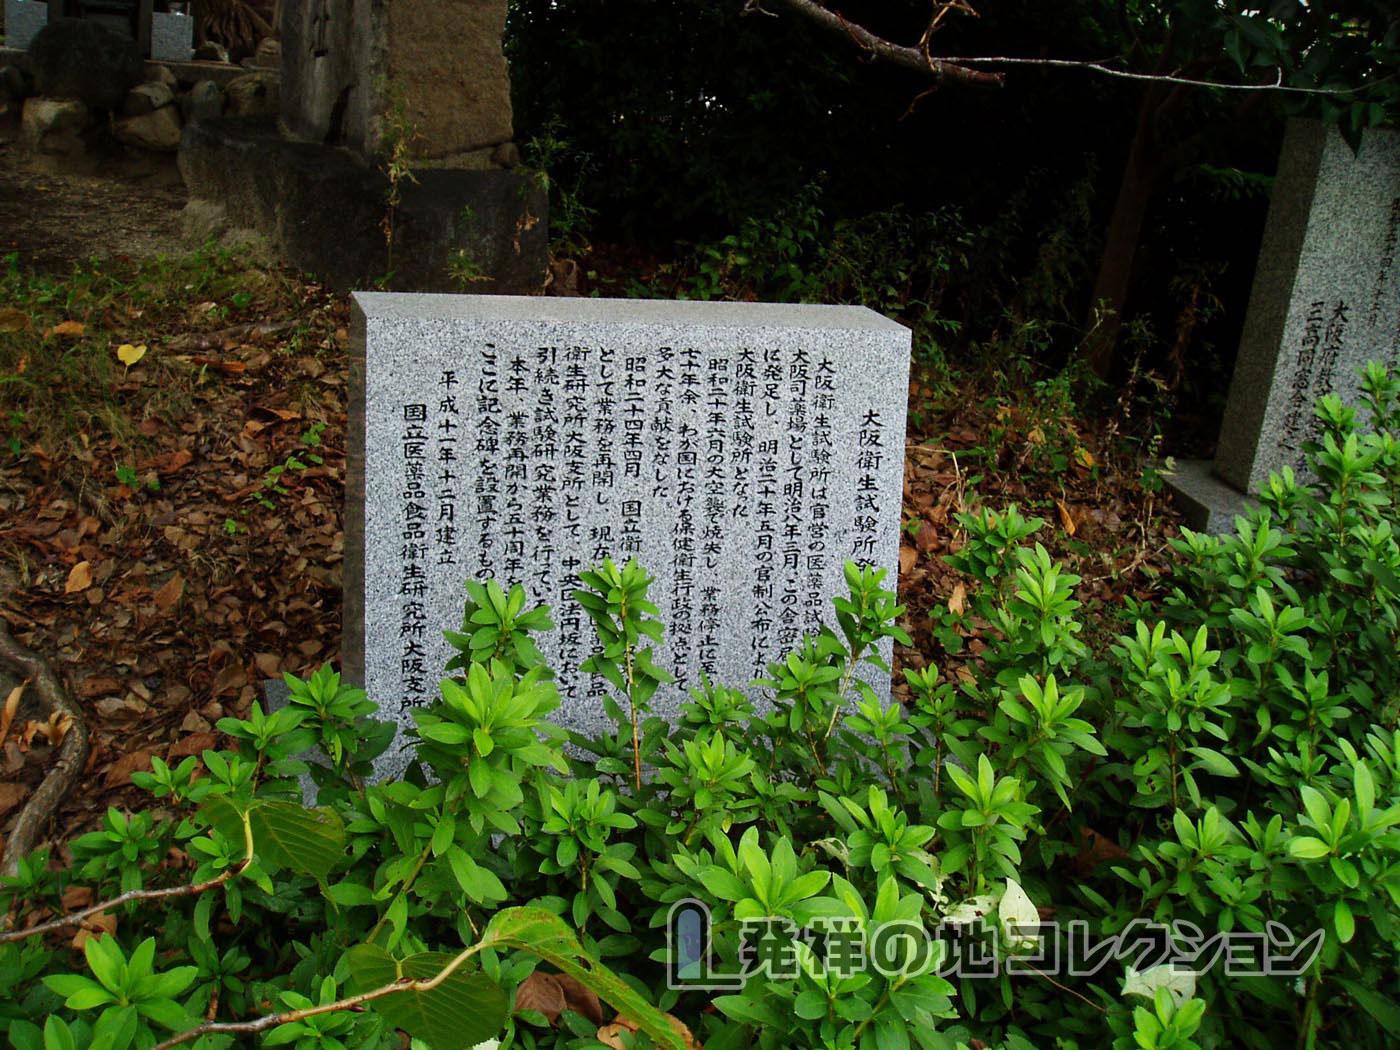 大阪衛生試験所発祥の地